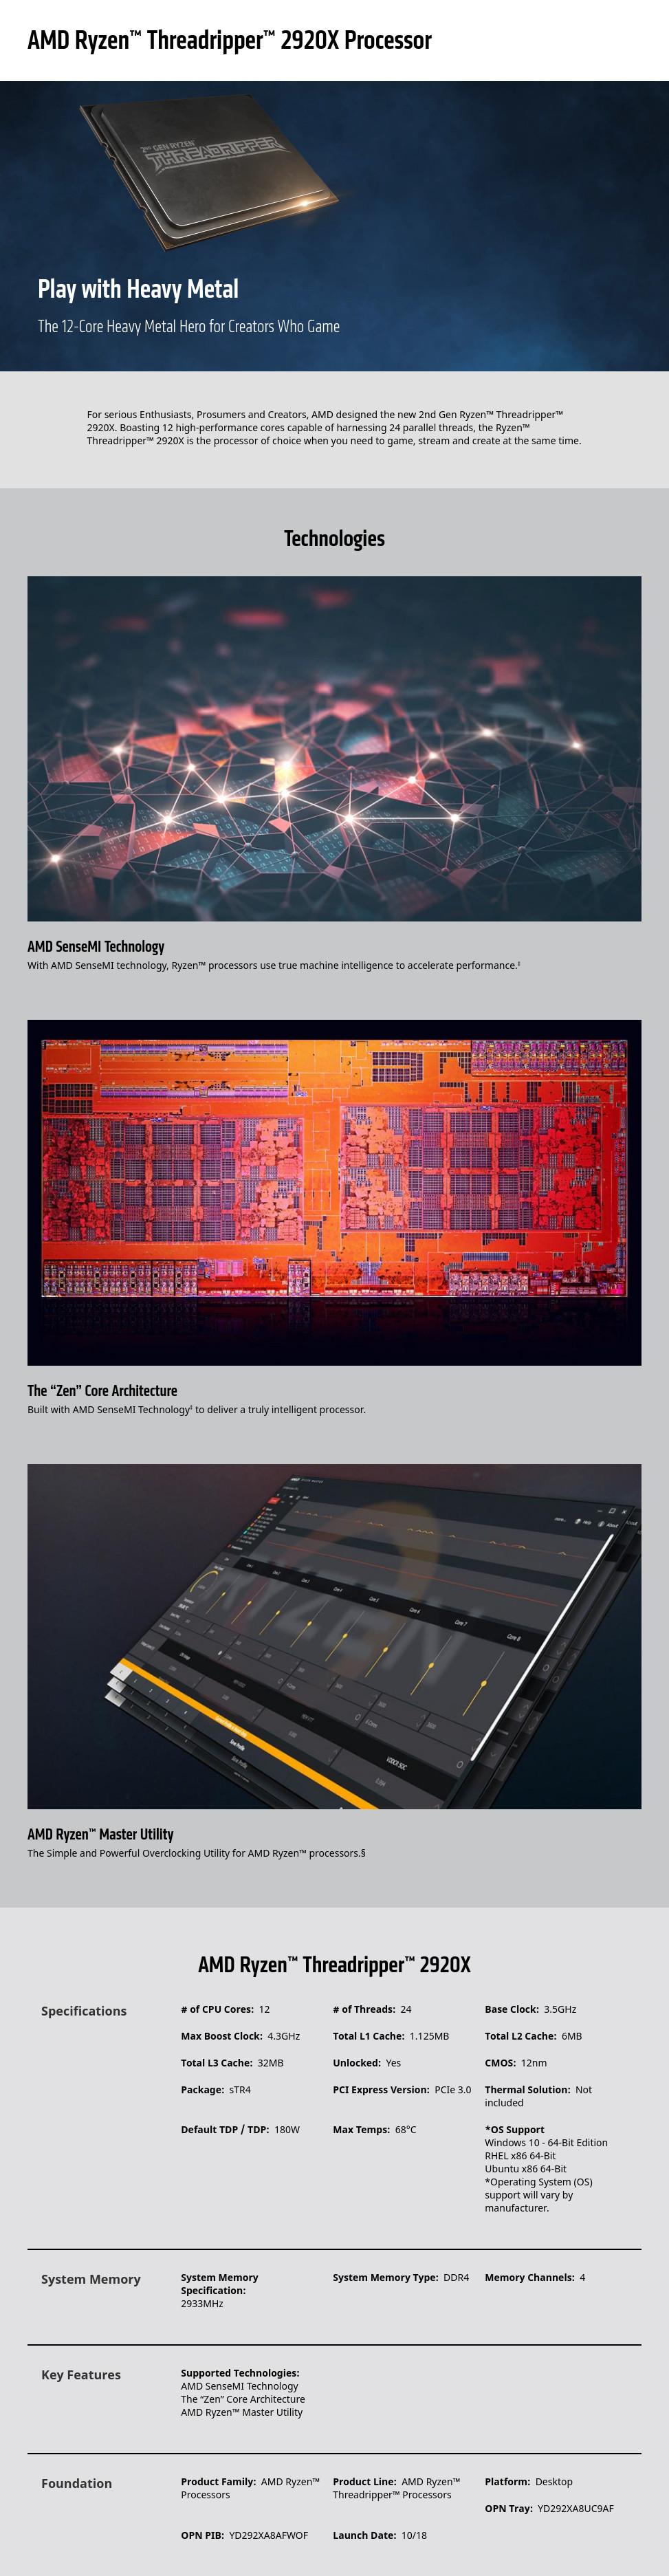 AMD Ryzen Threadripper 2920X 3 5GHz 32MB BOX YD292XA8AFWOF